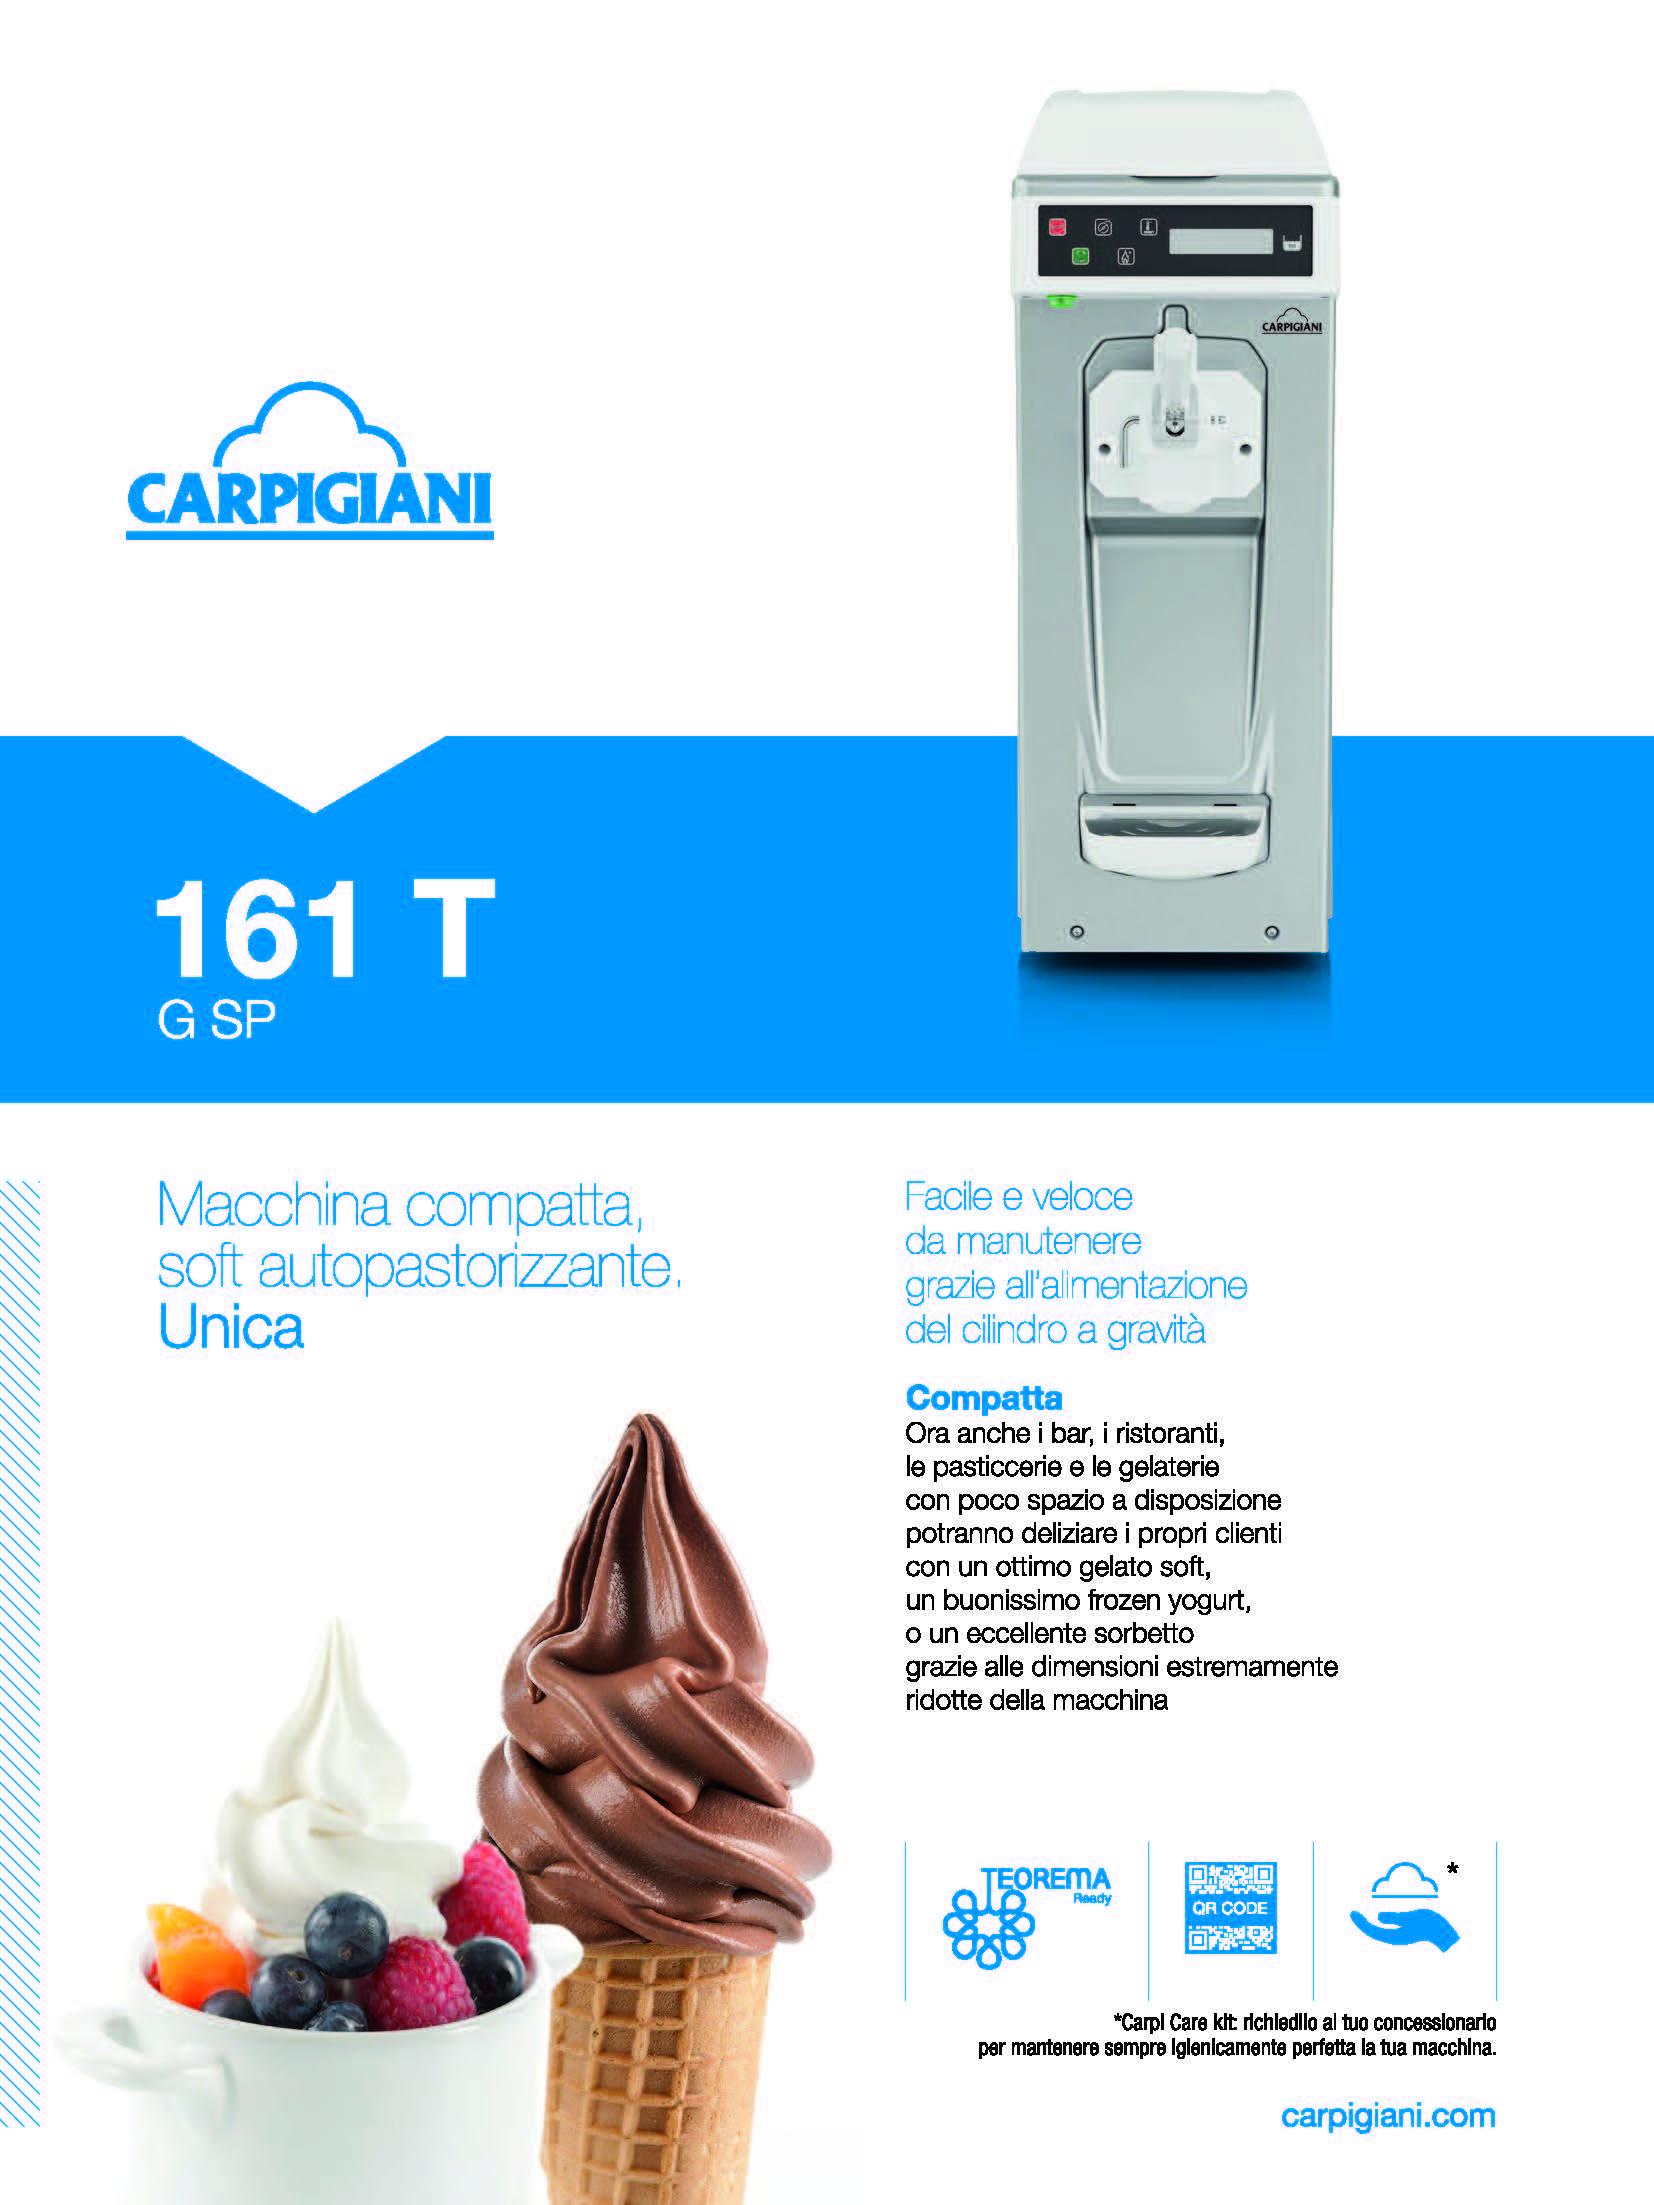 Carpigiani – 161 T SP